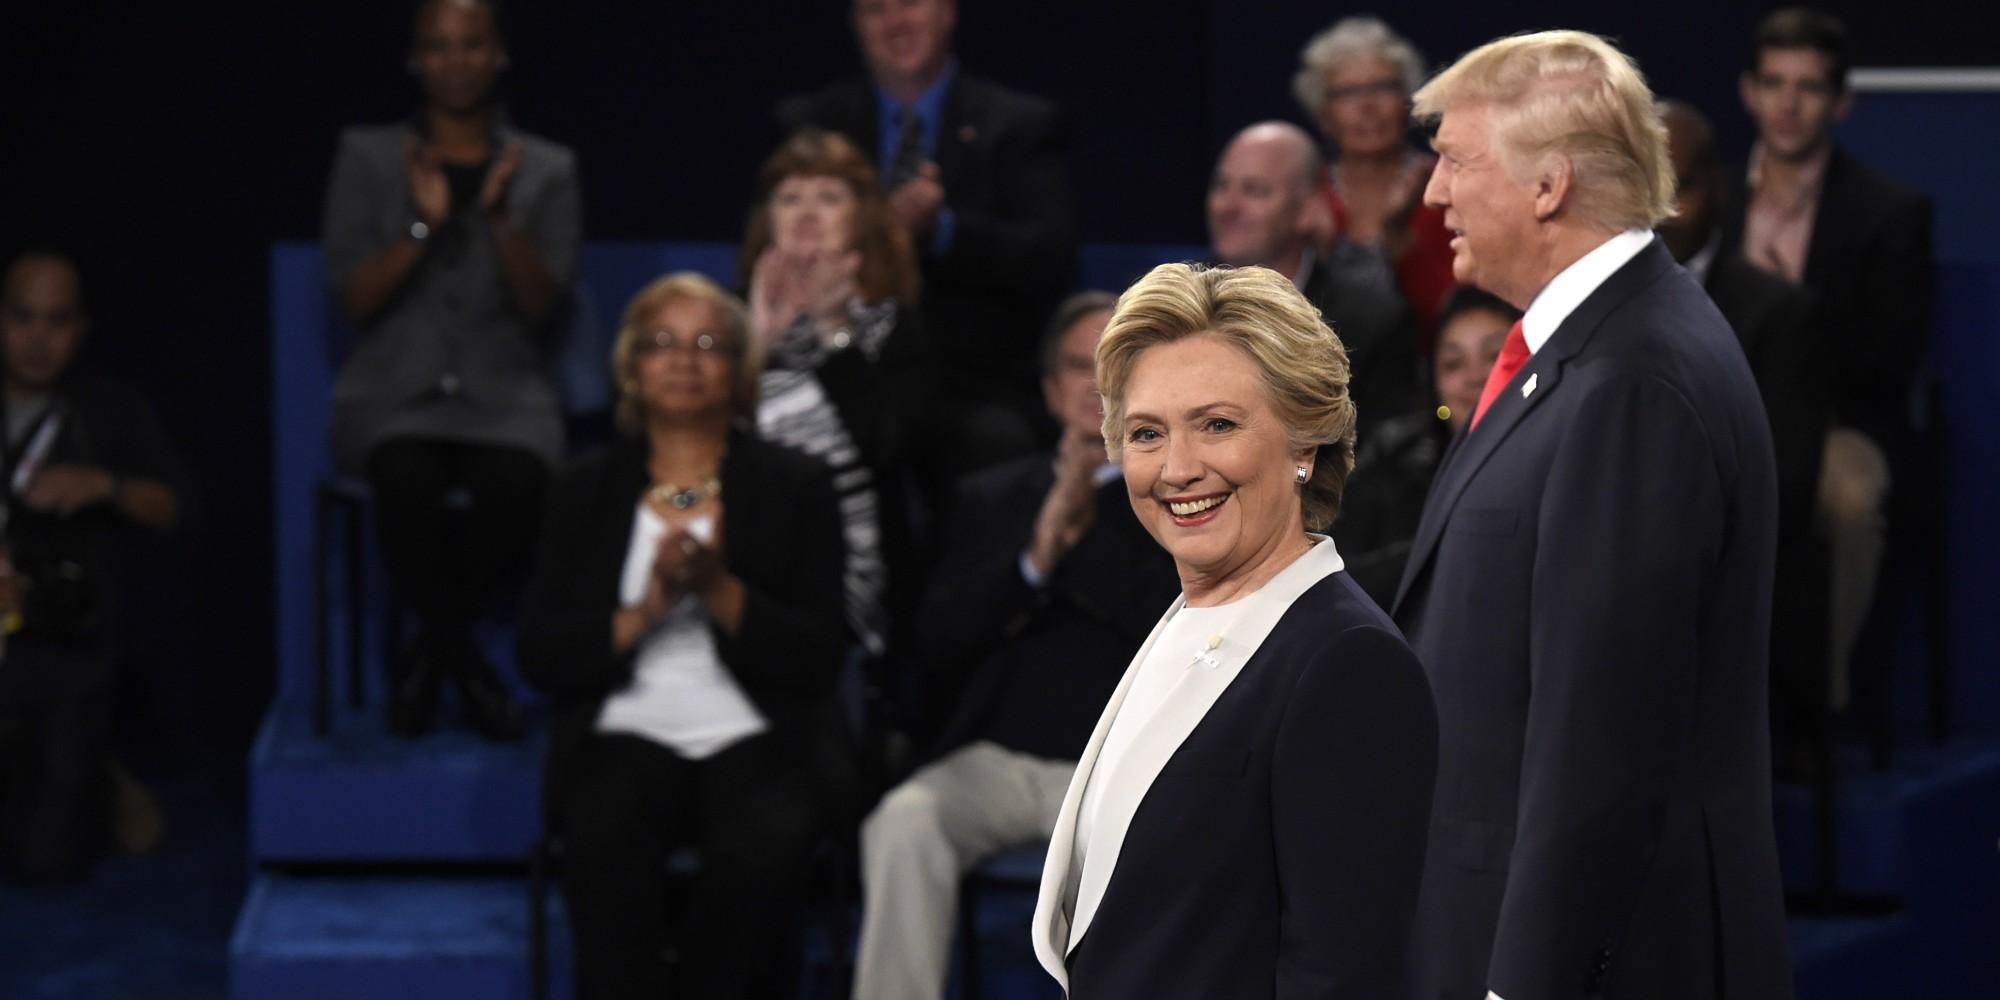 Accuse di molestie sessuali a Bill Clinton